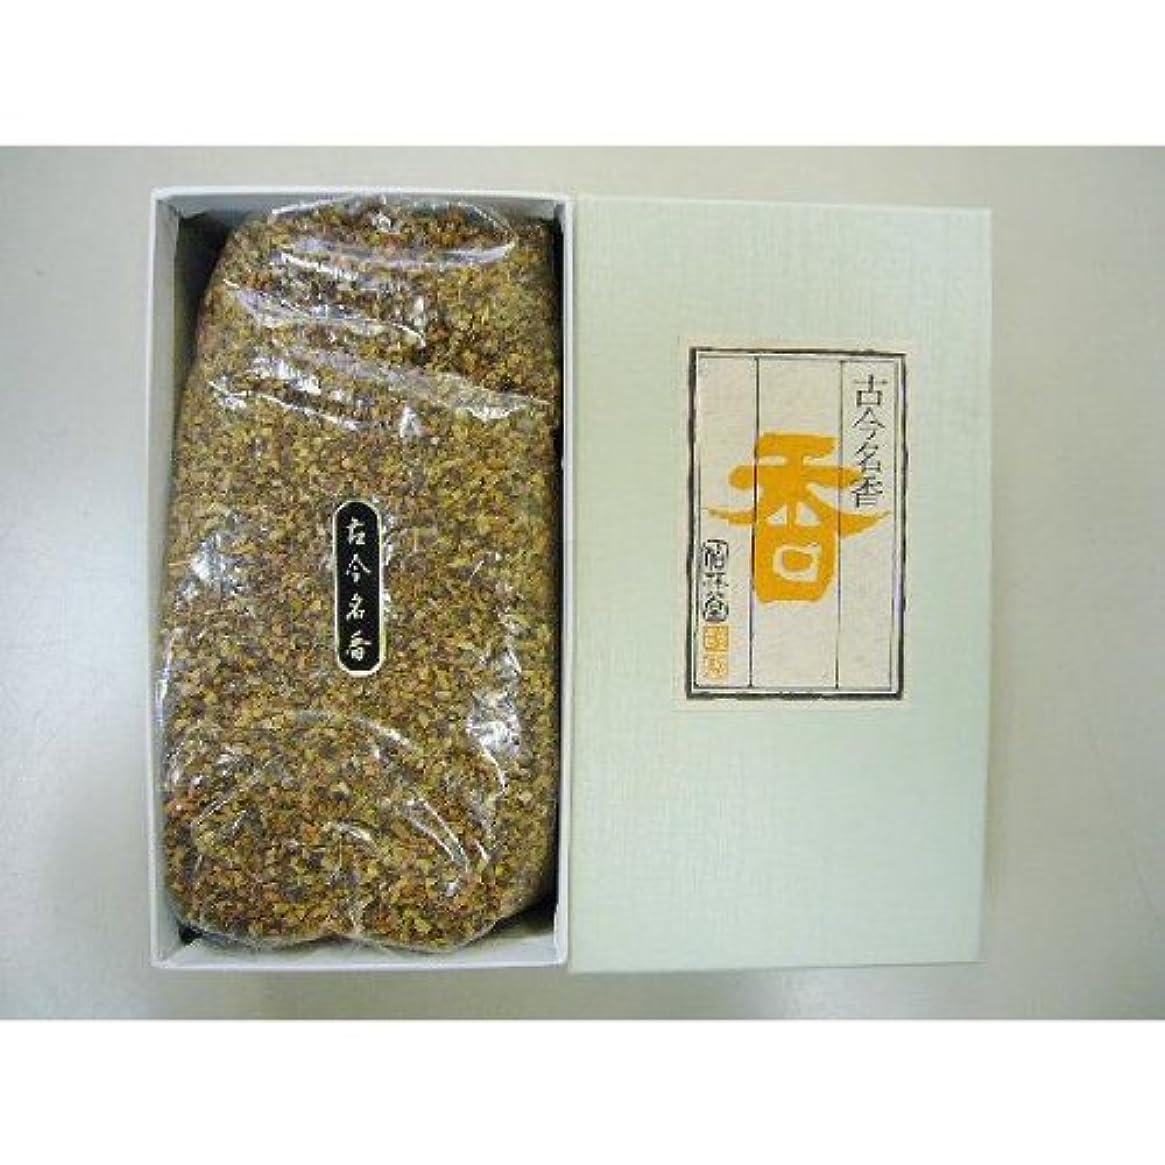 三ライバルディレクトリ焼香 古今名香200g箱入 抹香